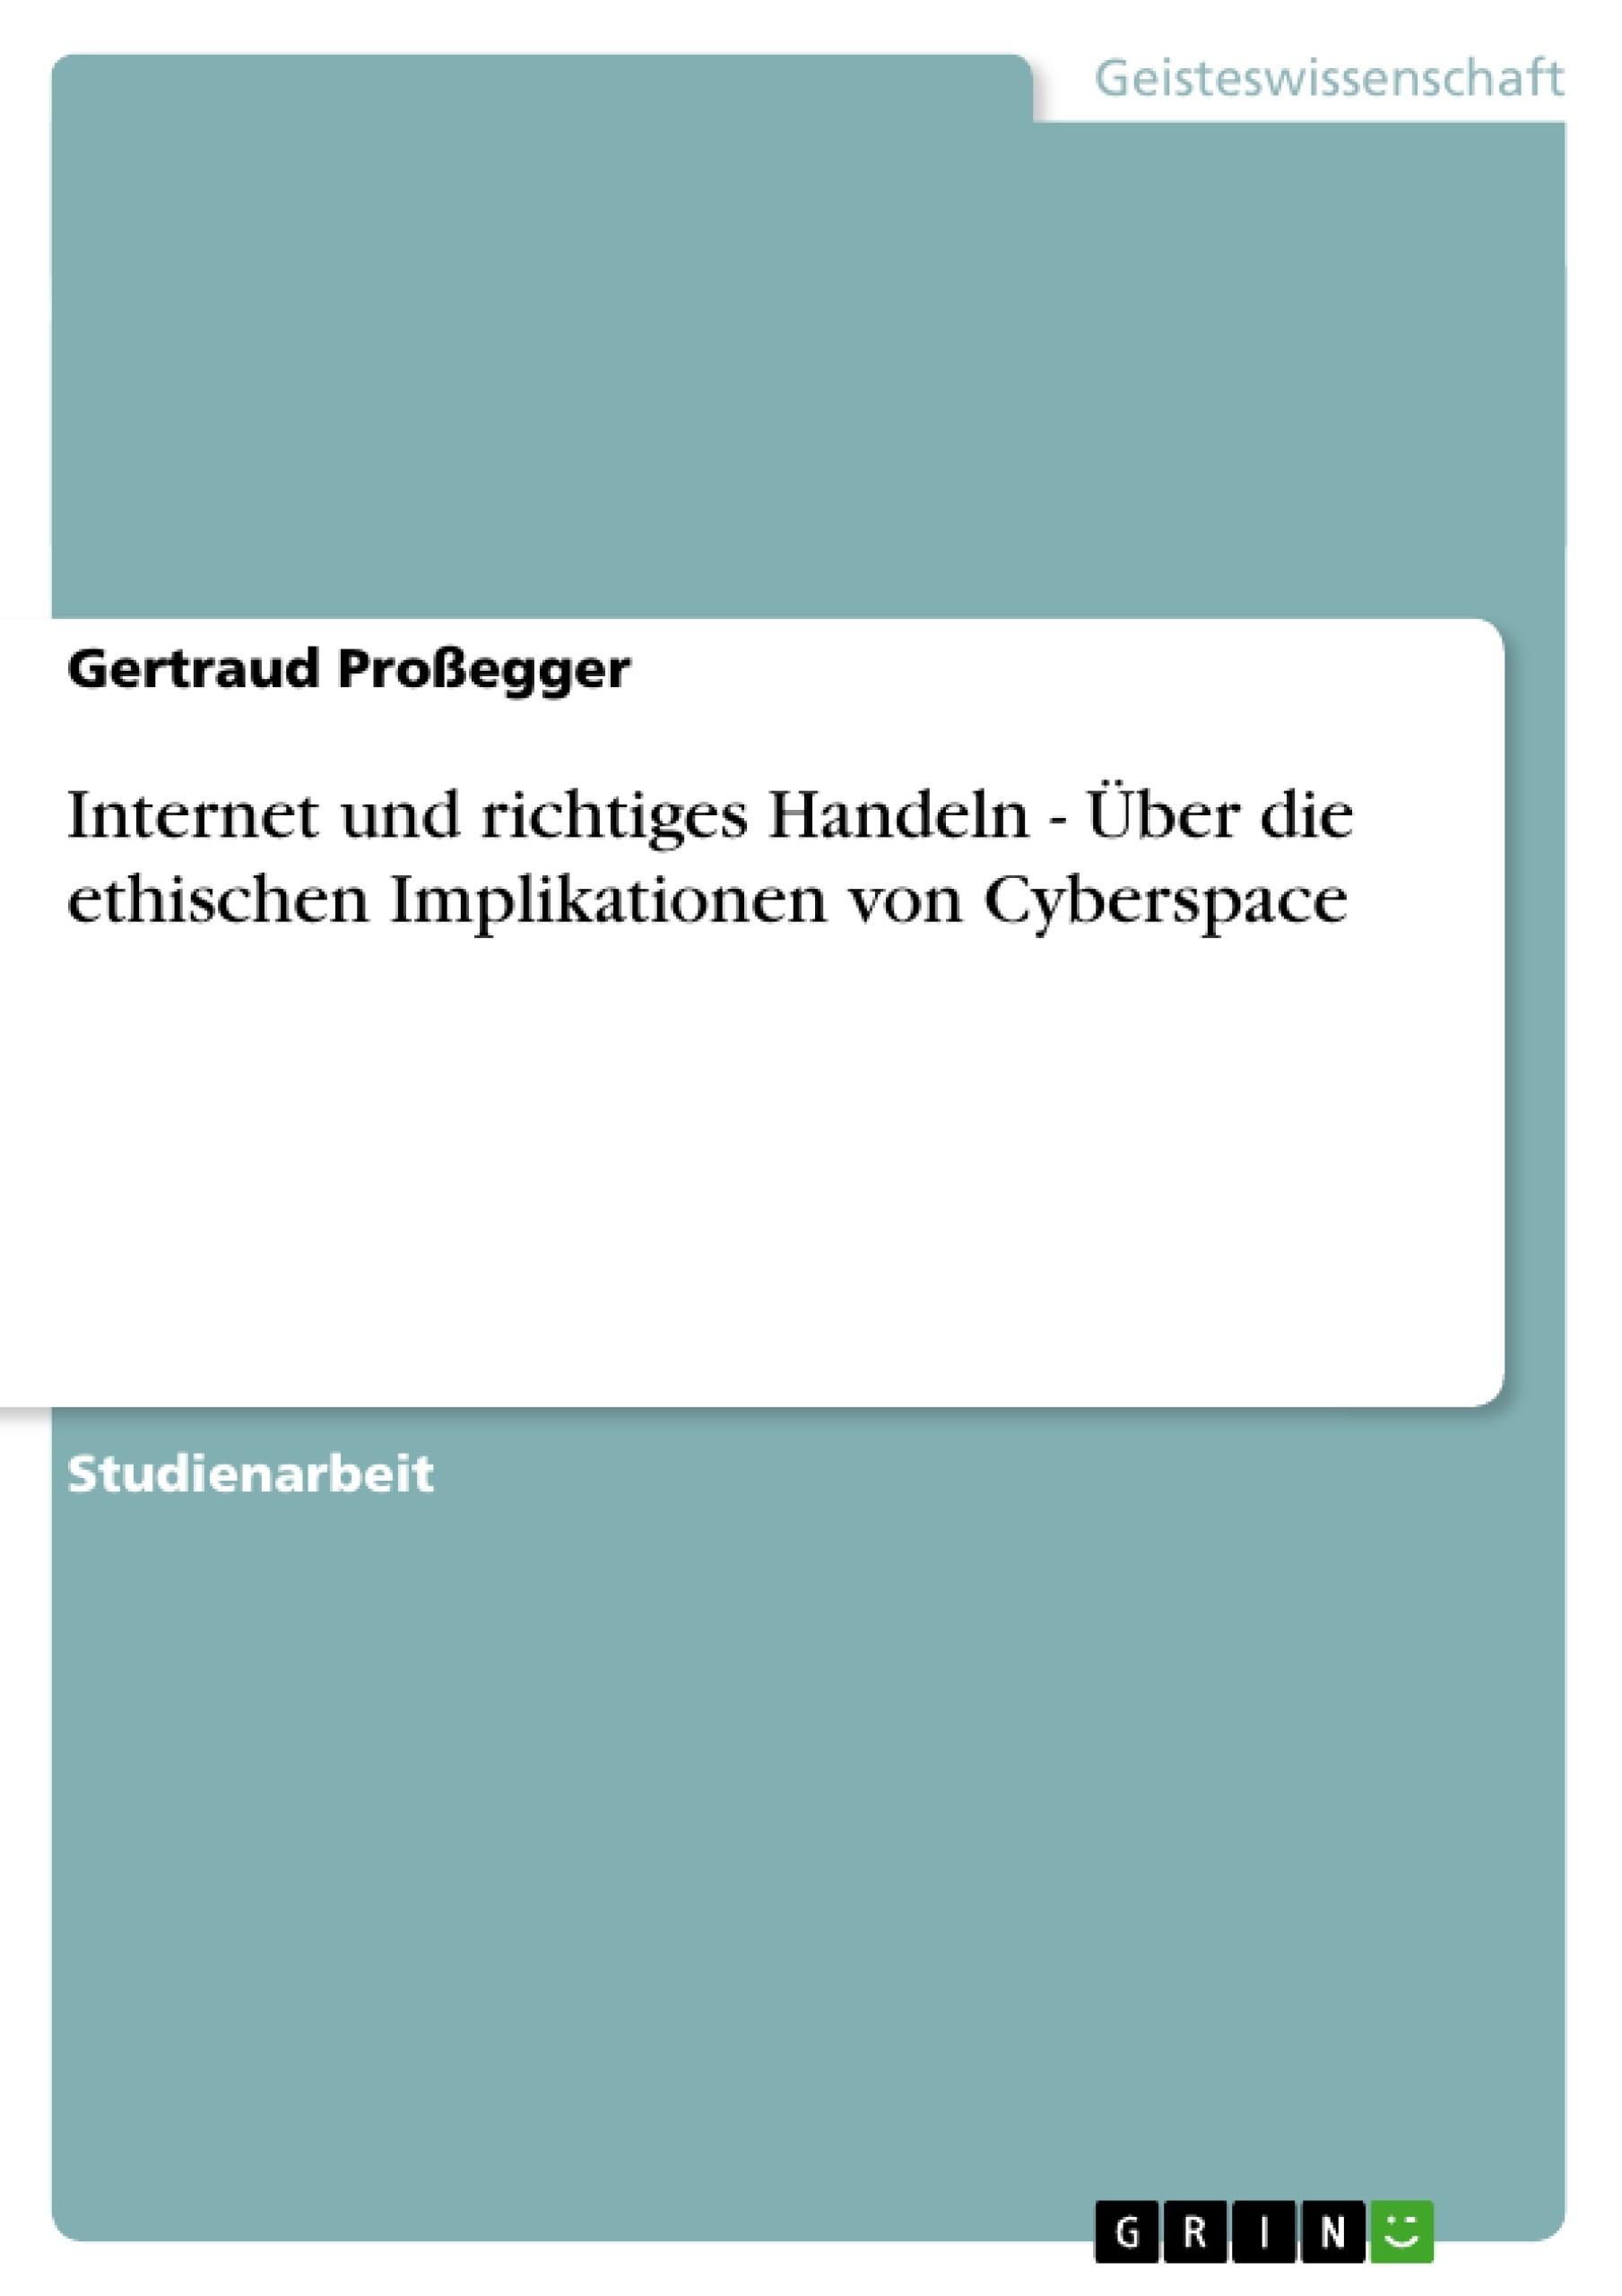 Titel: Internet und richtiges Handeln - Über die ethischen Implikationen von Cyberspace